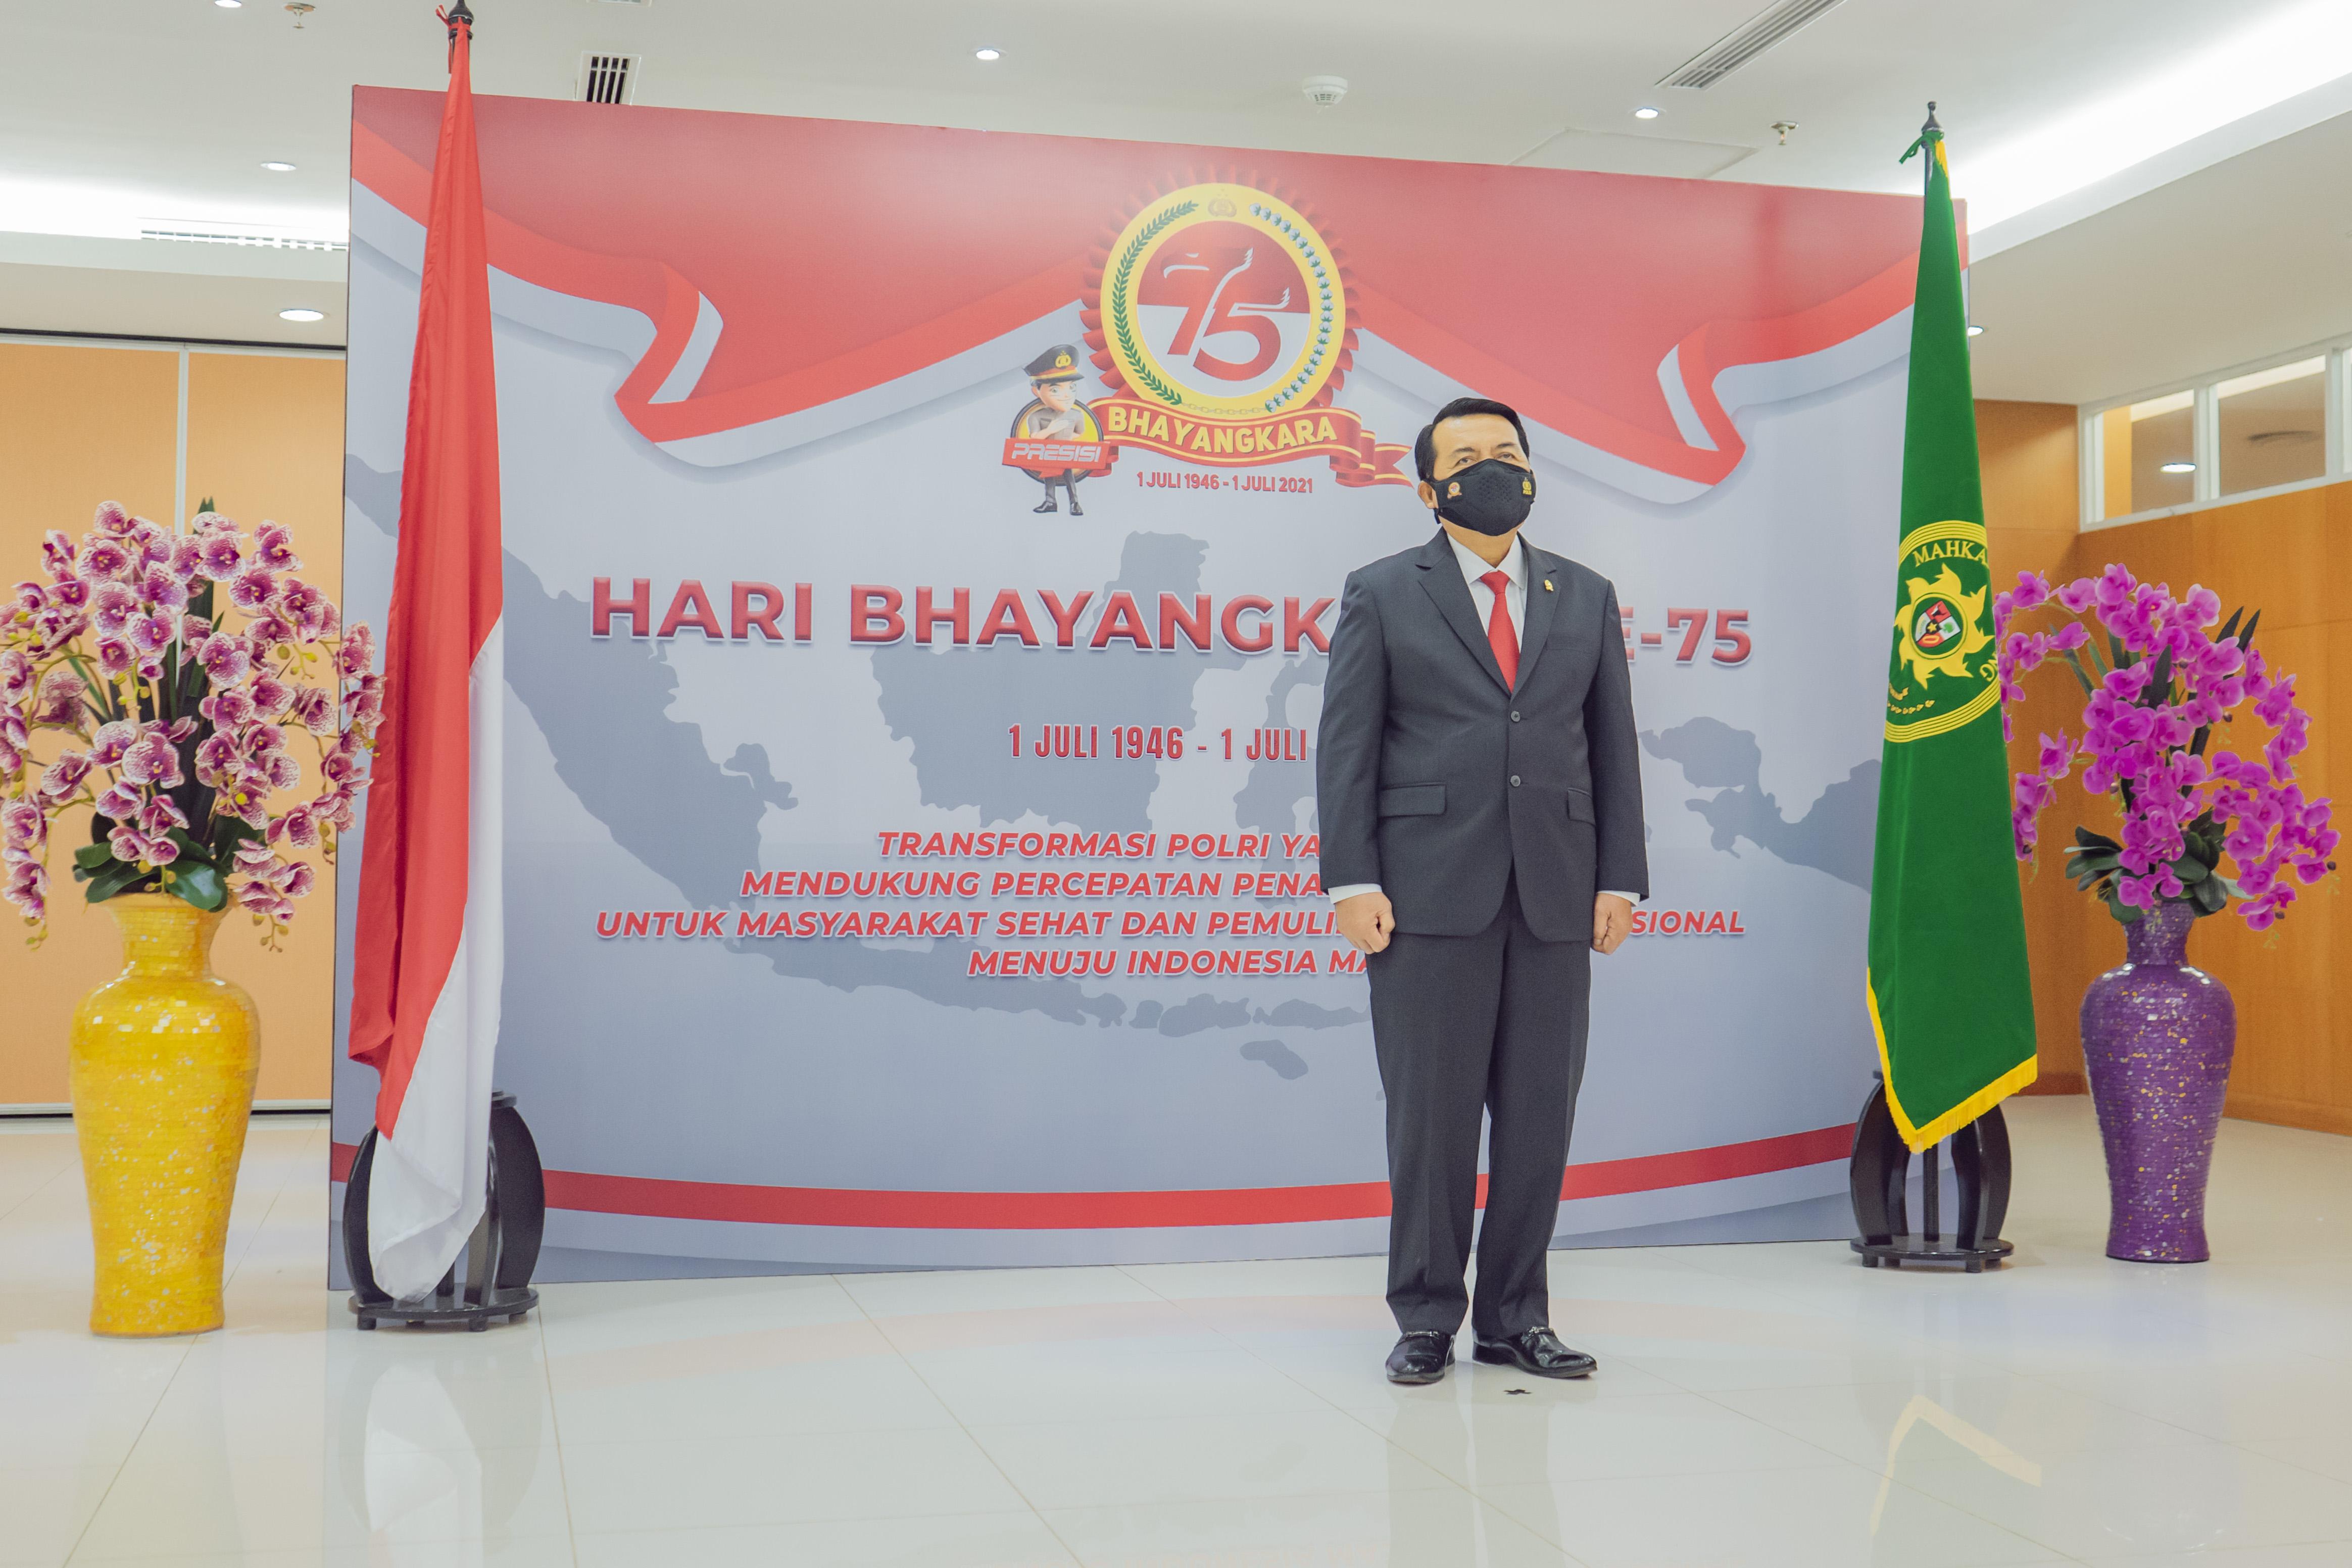 KMA HADIRI UPACARA PERINGATAN HARI BHAYANGKARA KE 75 SECARA VIRTUAL